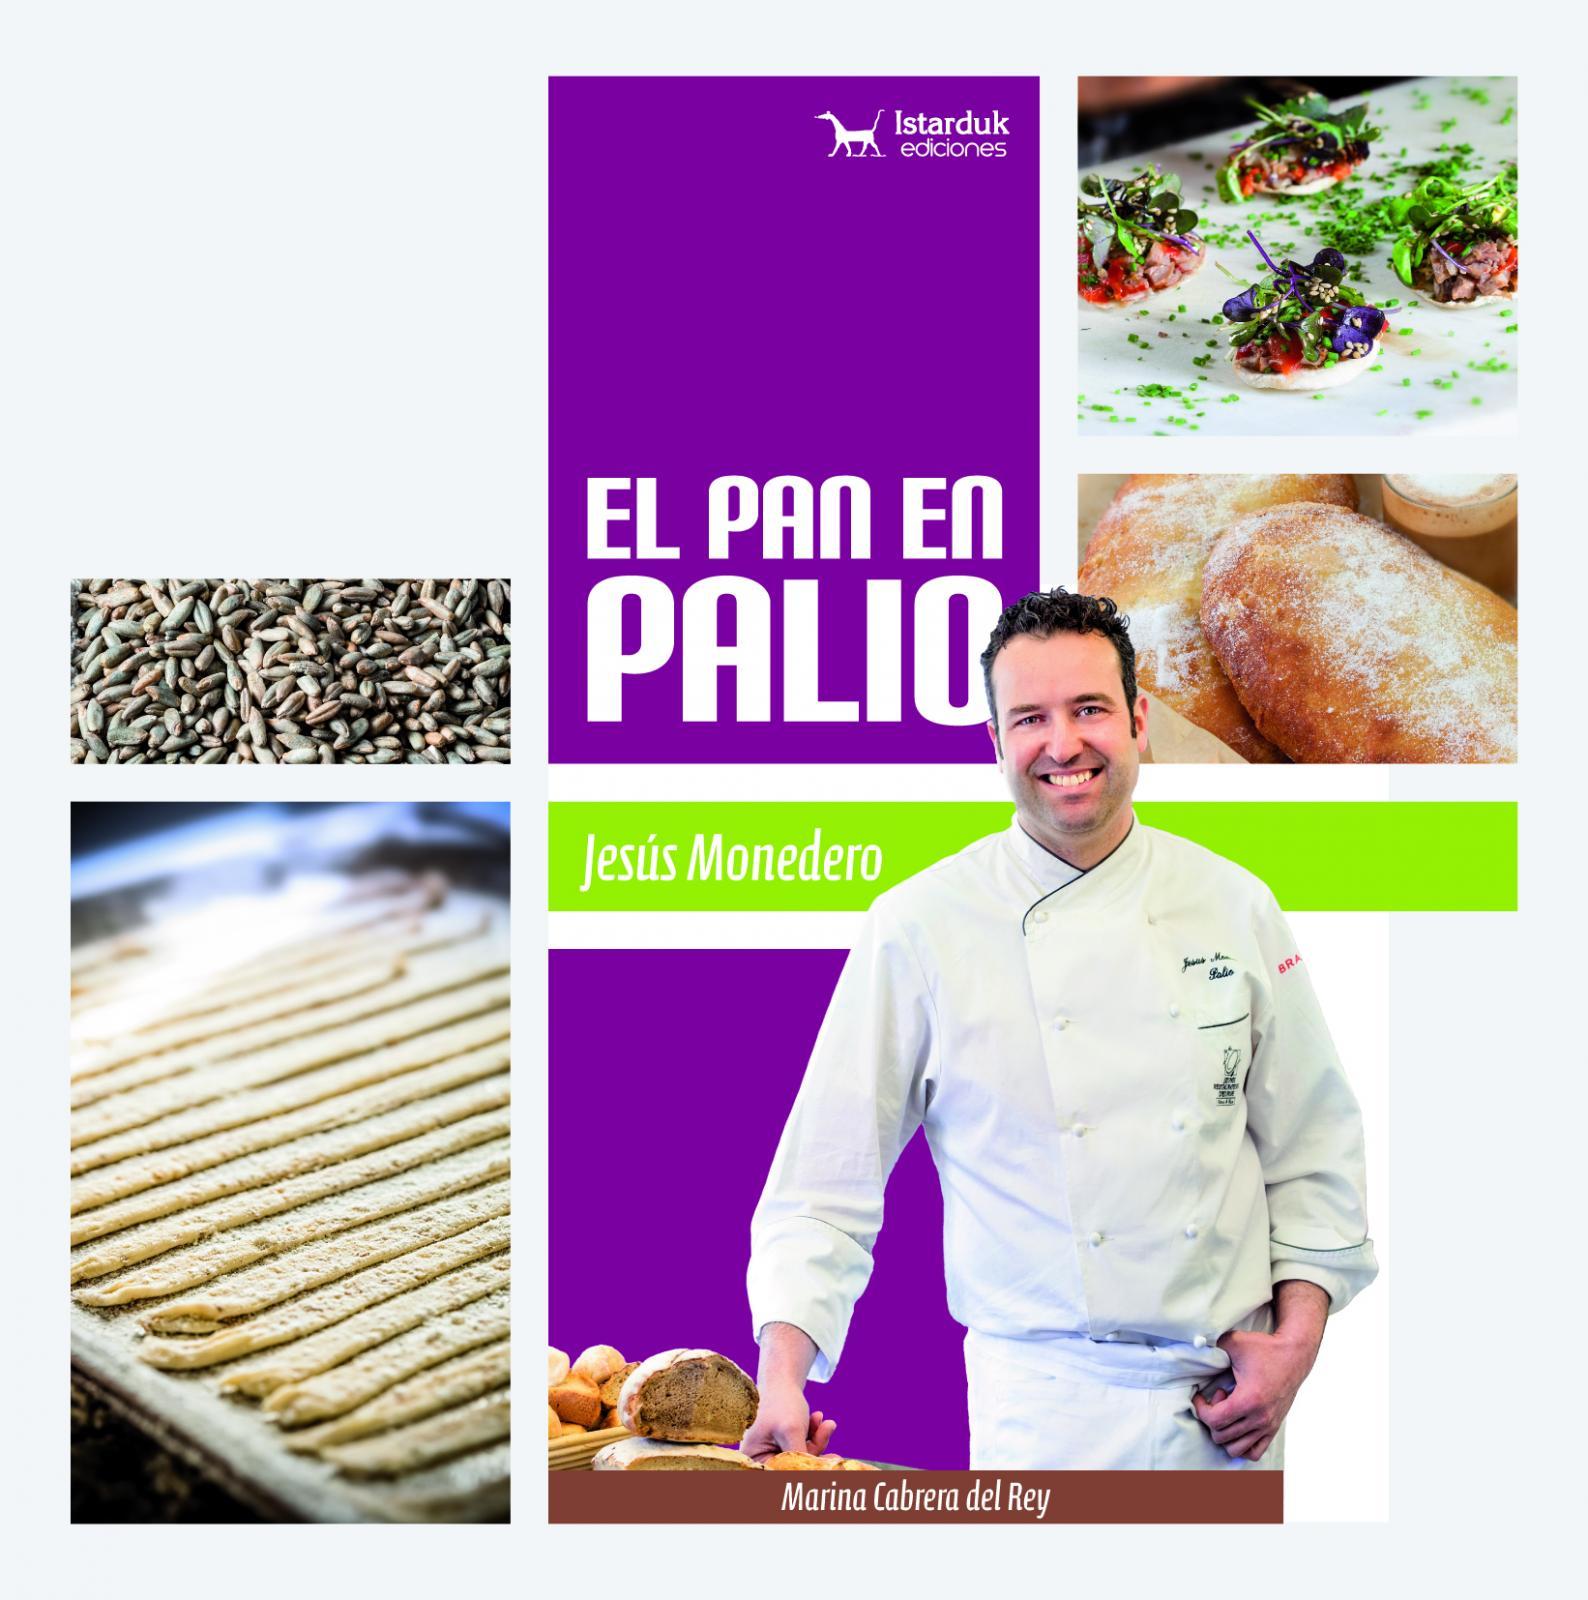 El pan en Palio